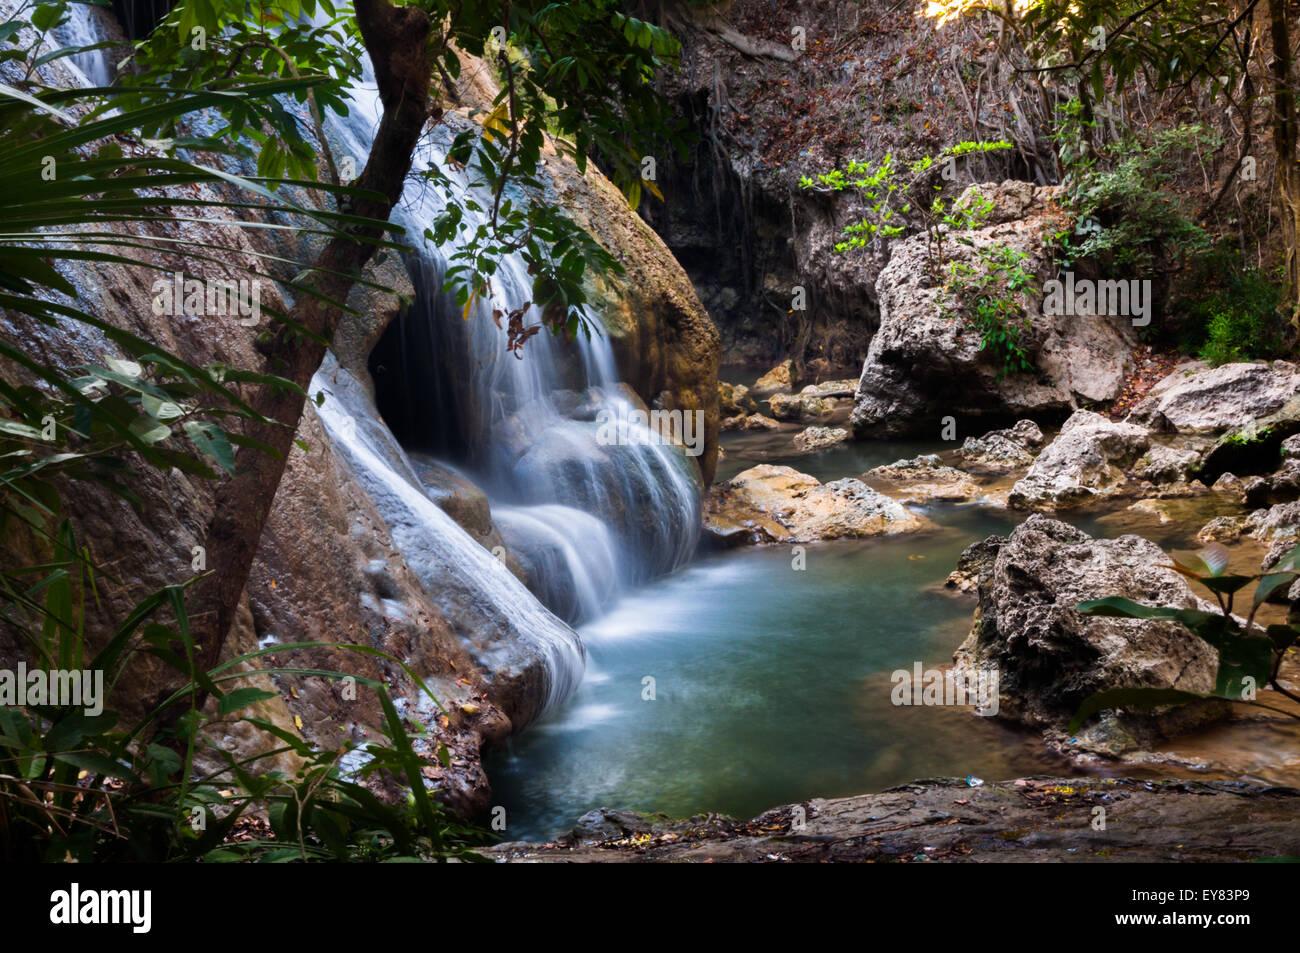 Oenesu waterfall in Kupang, Timor Island, Indonesia. - Stock Image